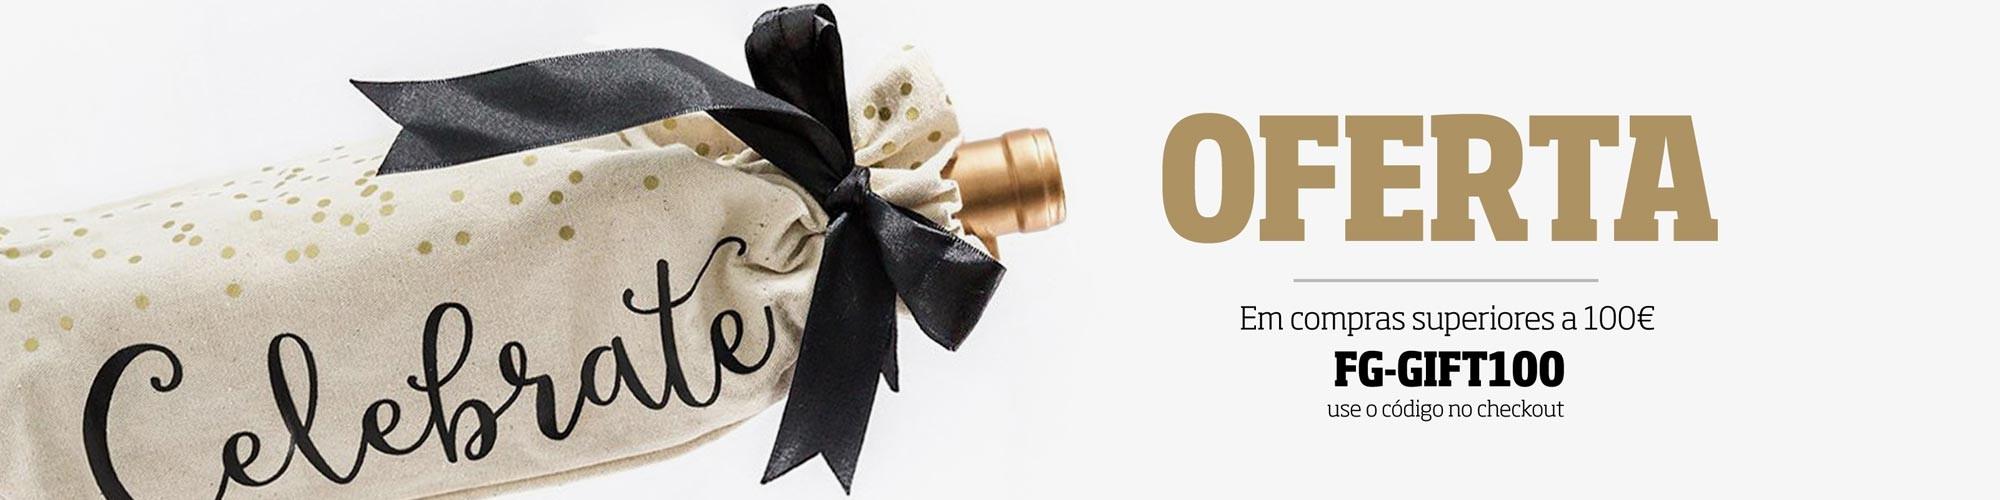 Oferta de uma garrafa de vinho internacional em compras de valor superior a 100€. Não perca esta oportunidade!